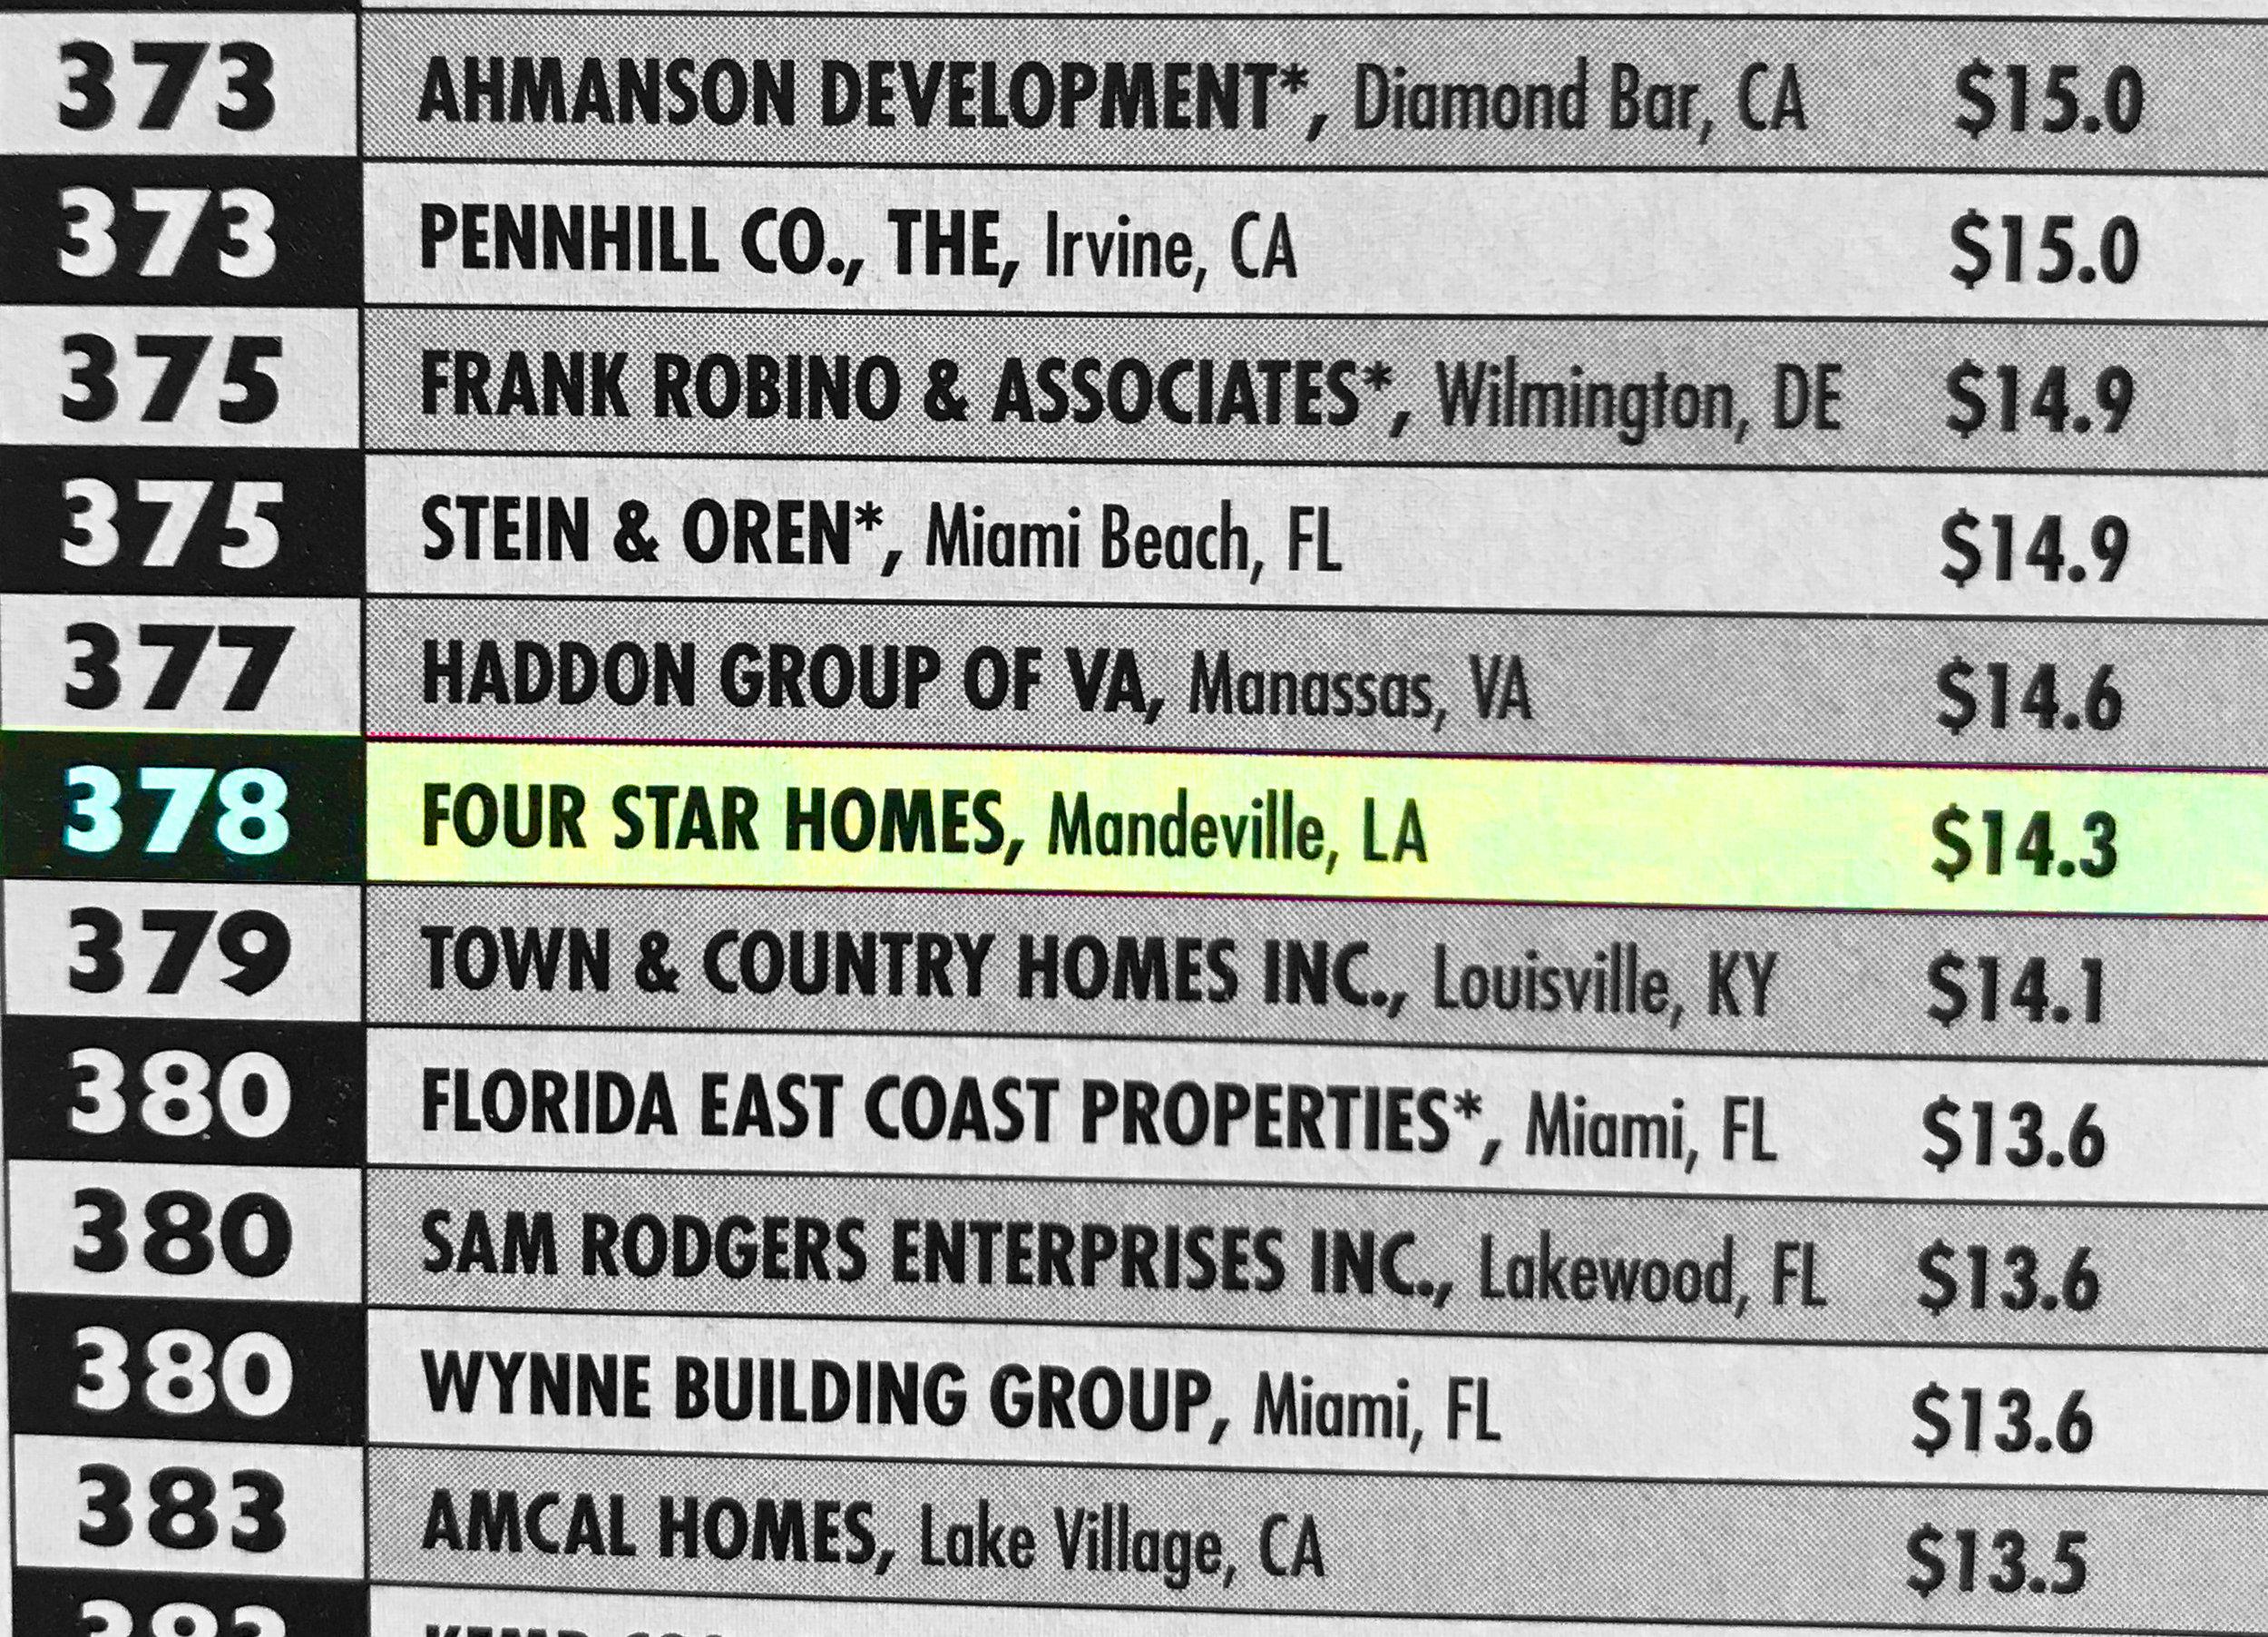 Mark-Johnson-Professional-Builder-Magazine-Houseings-Giant-400-(2)2.jpg